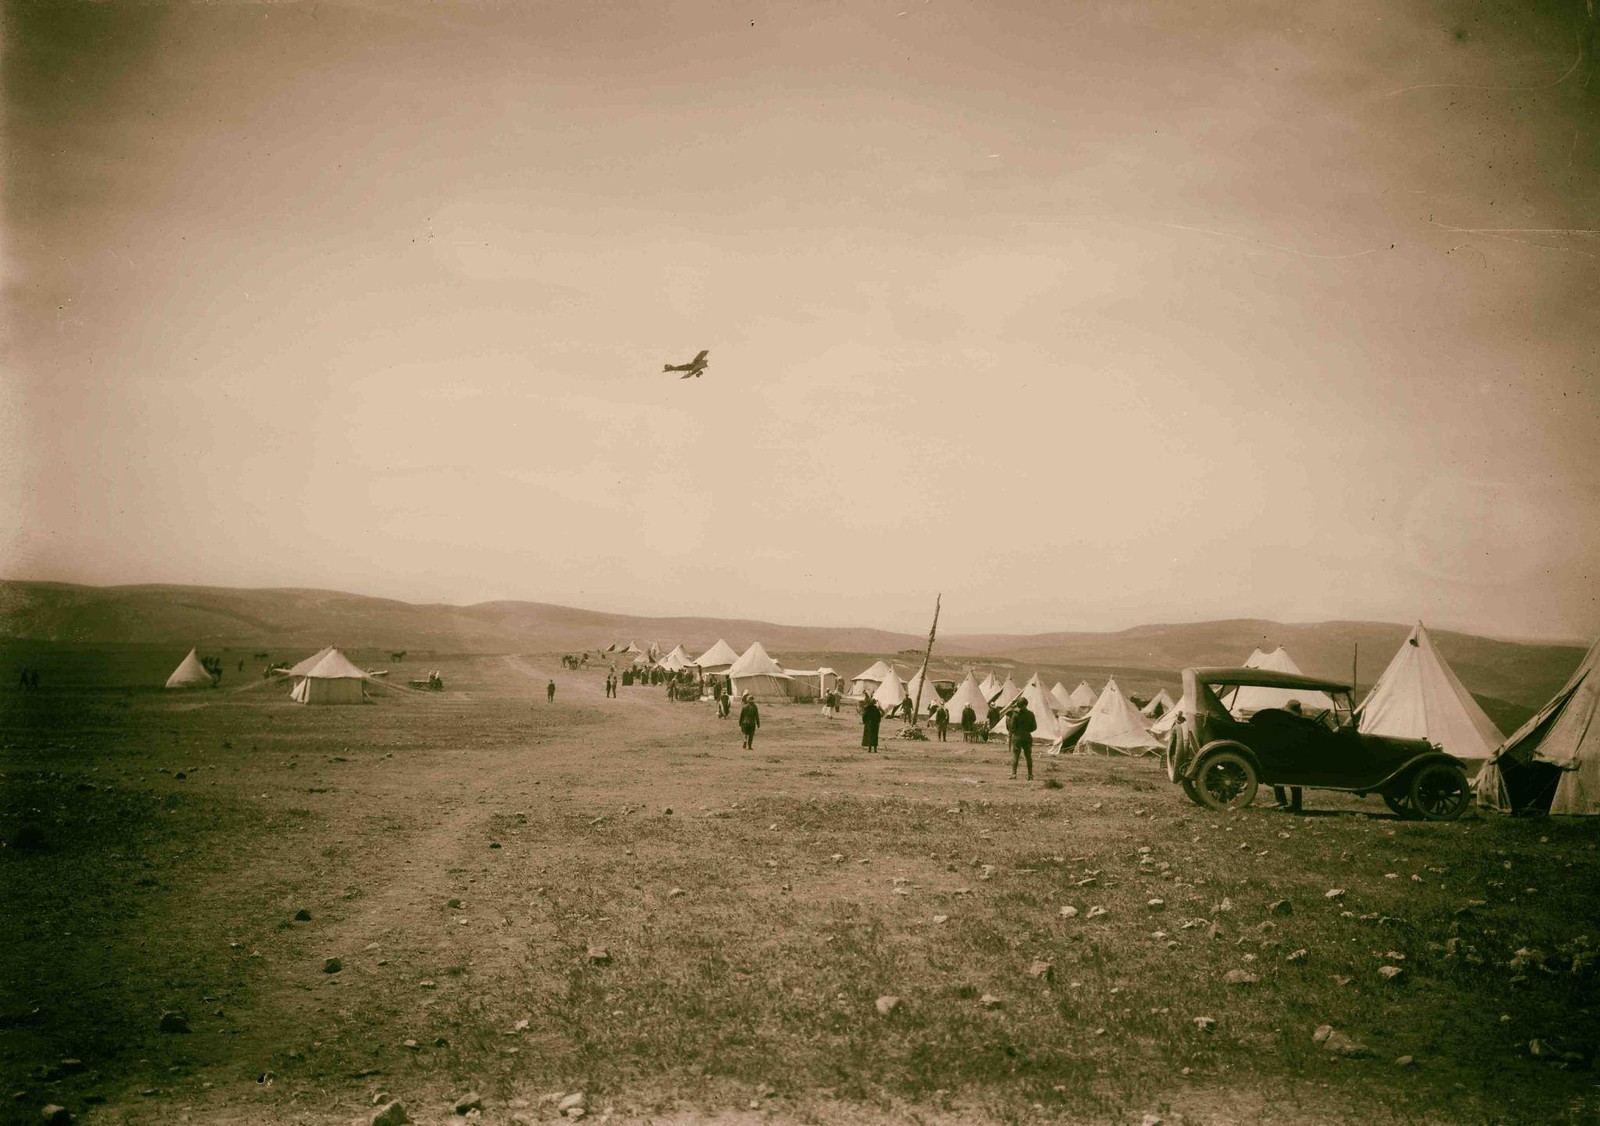 1921. Второй визит сэра Герберта Сэмюэля в Трансиорданию. Создание эмирата Трансиордания